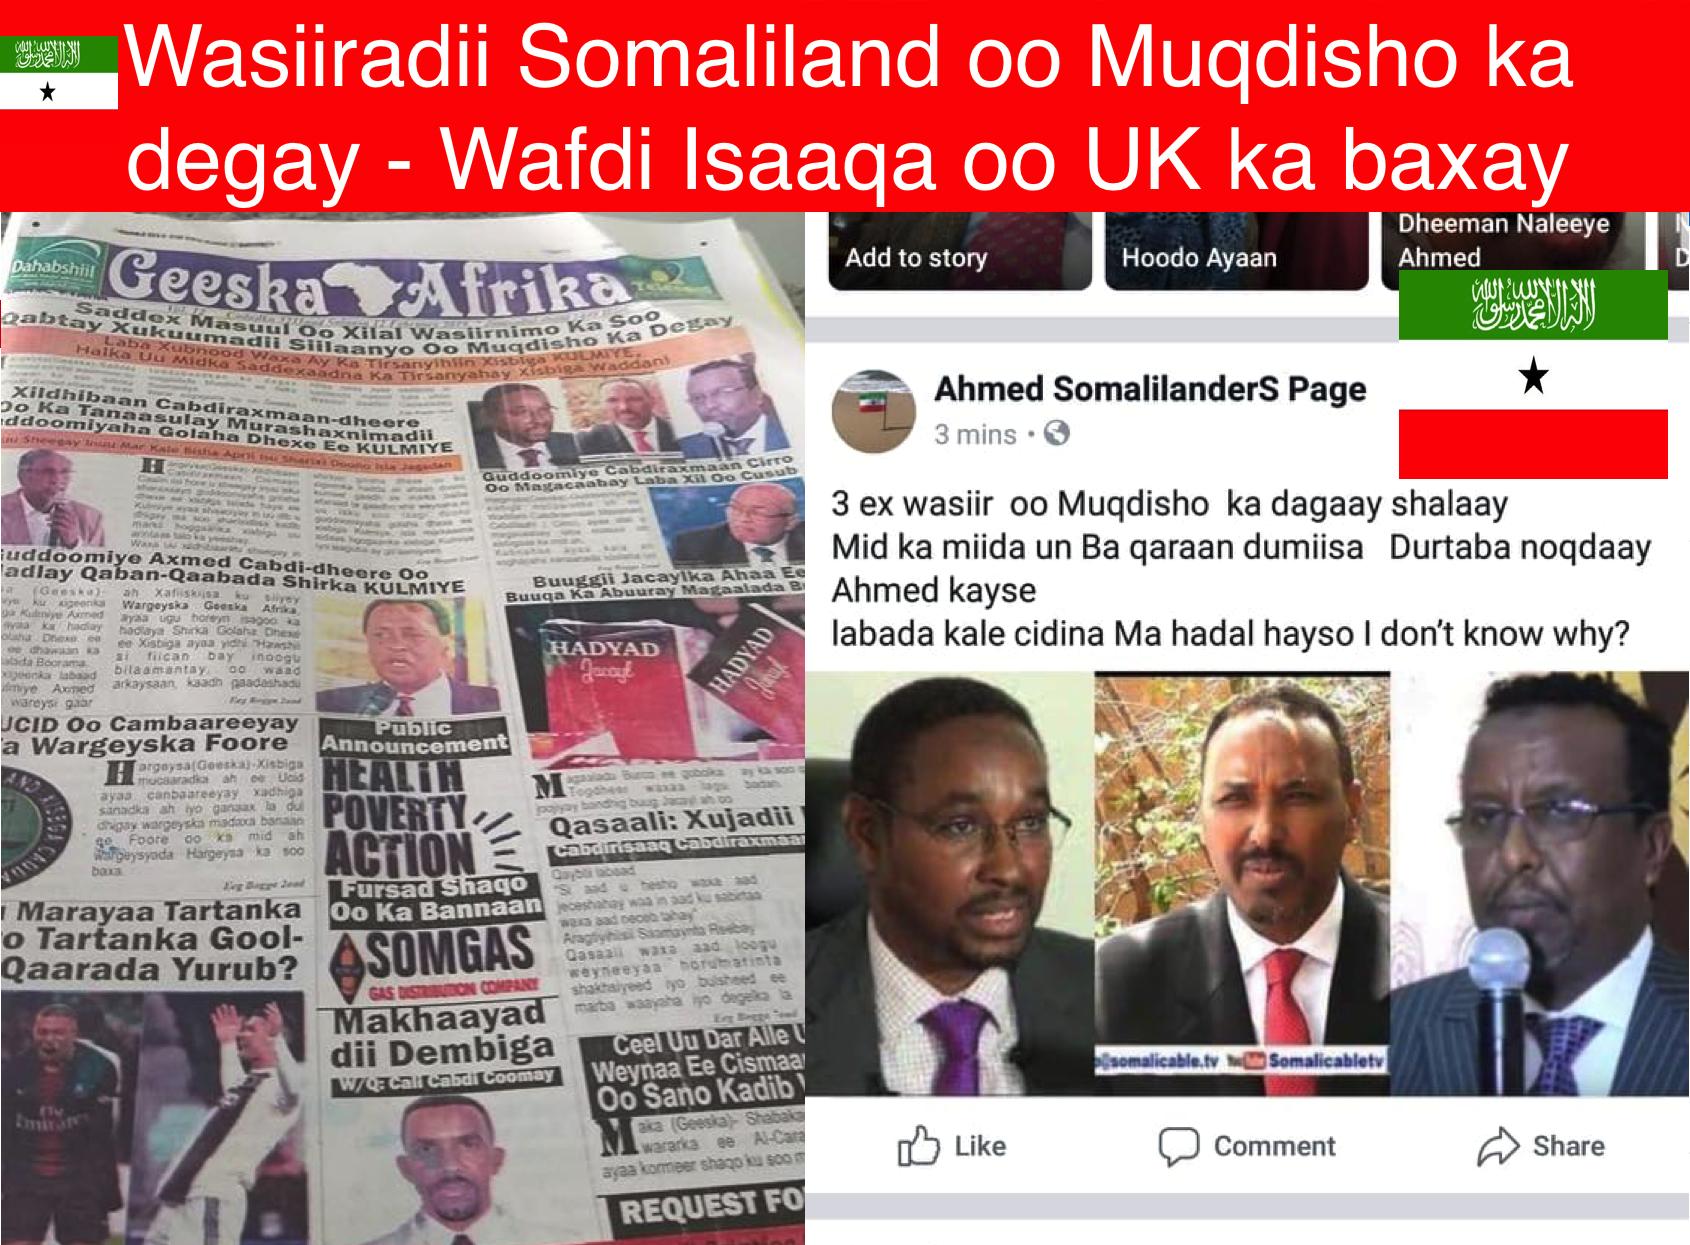 [Topnews:-] Wasiiradii iyo Siyaasiyiintii ugu badnaa ee Reer Somaliland oo Muqdisho ka degay iyo wafdi Isaaqa oo ka baxay UK.